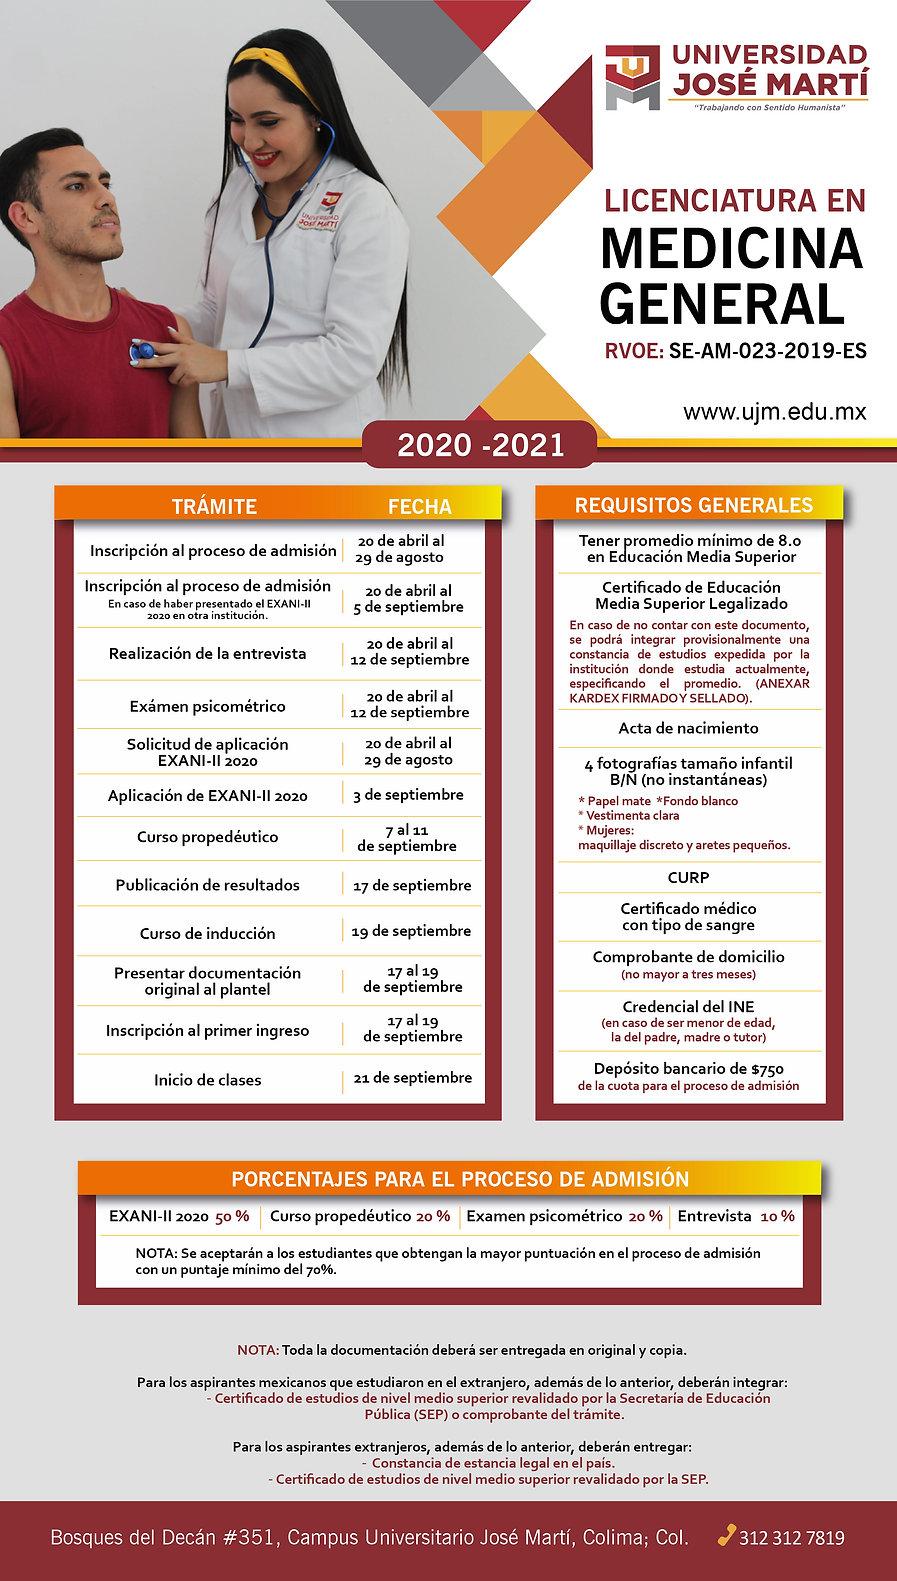 ADMIN MEDICINA_Mesa de trabajo 1.jpg